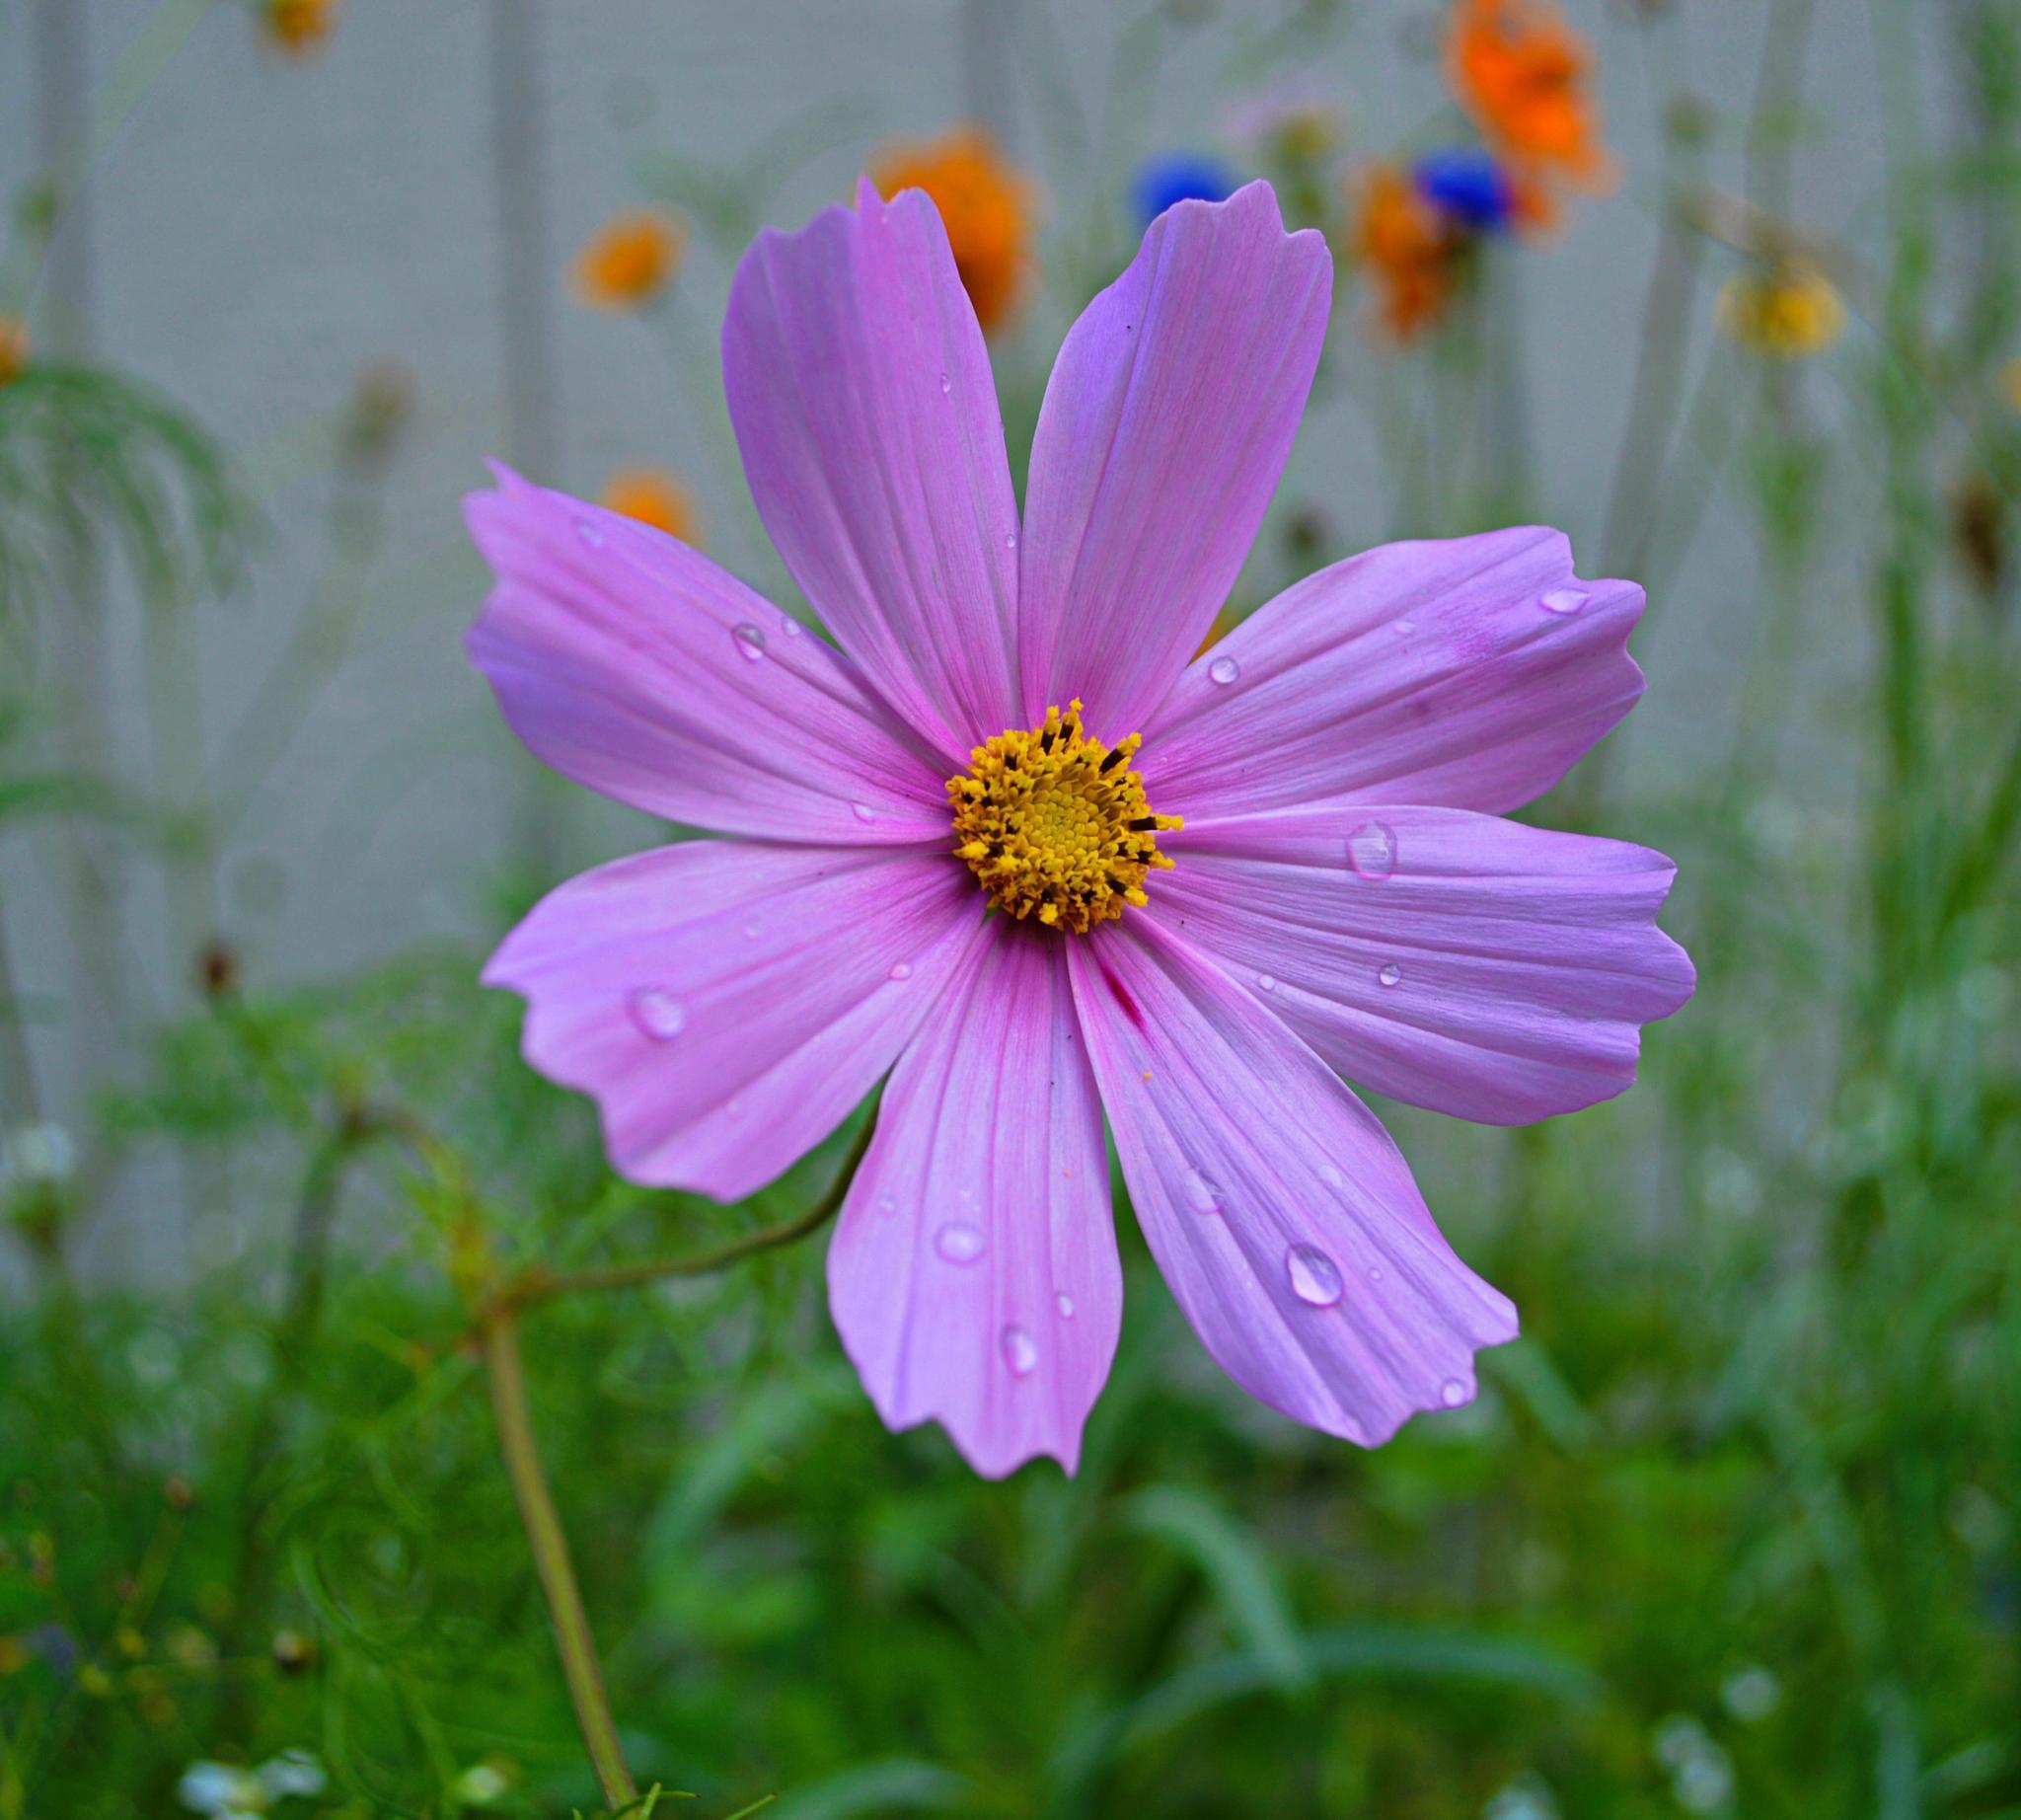 Flower by Michelle Farmer